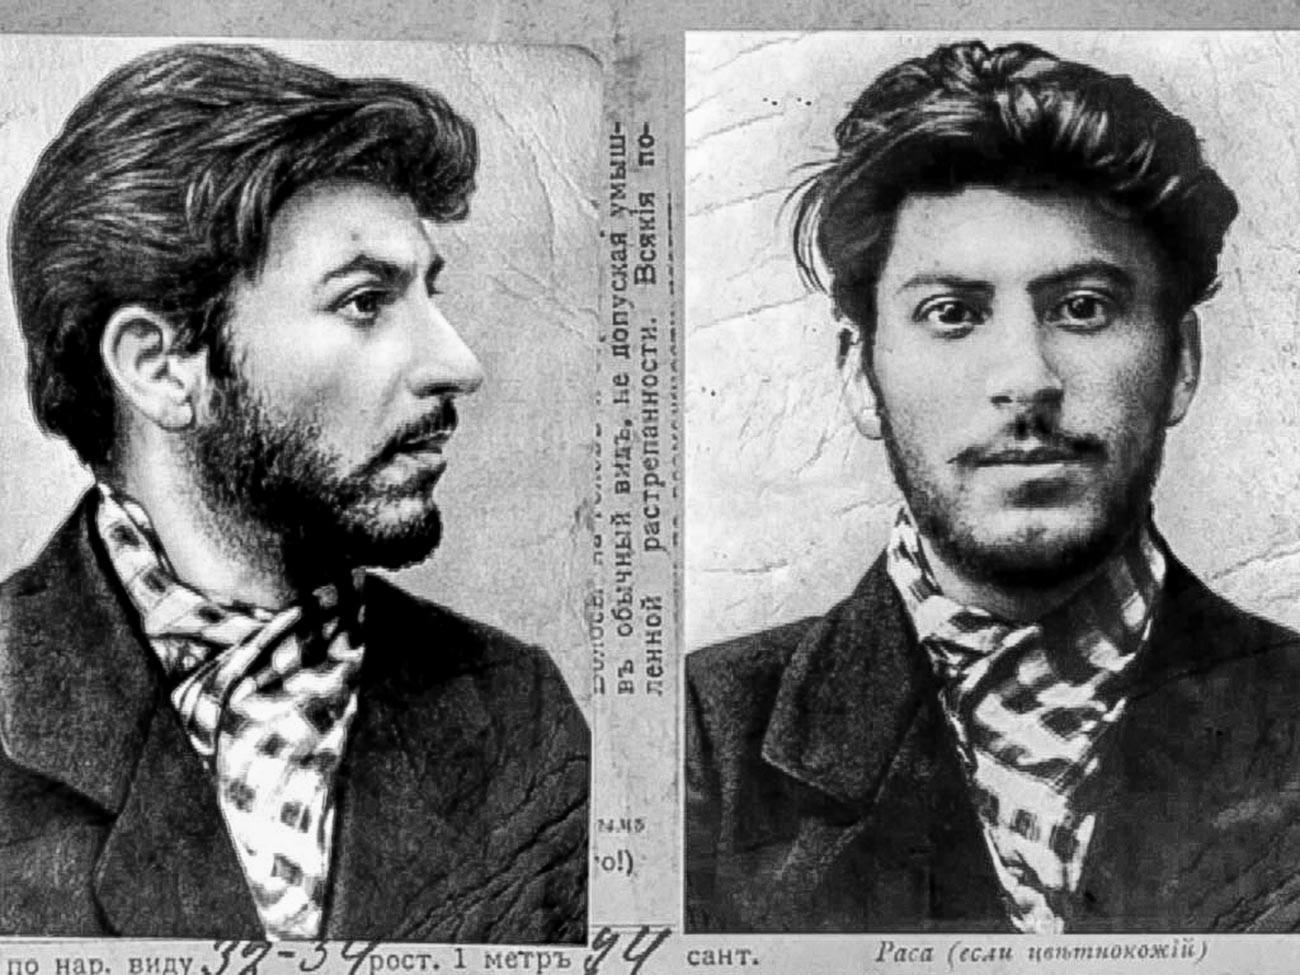 Photographies prises par la police. Staline avait alors 23 ans.